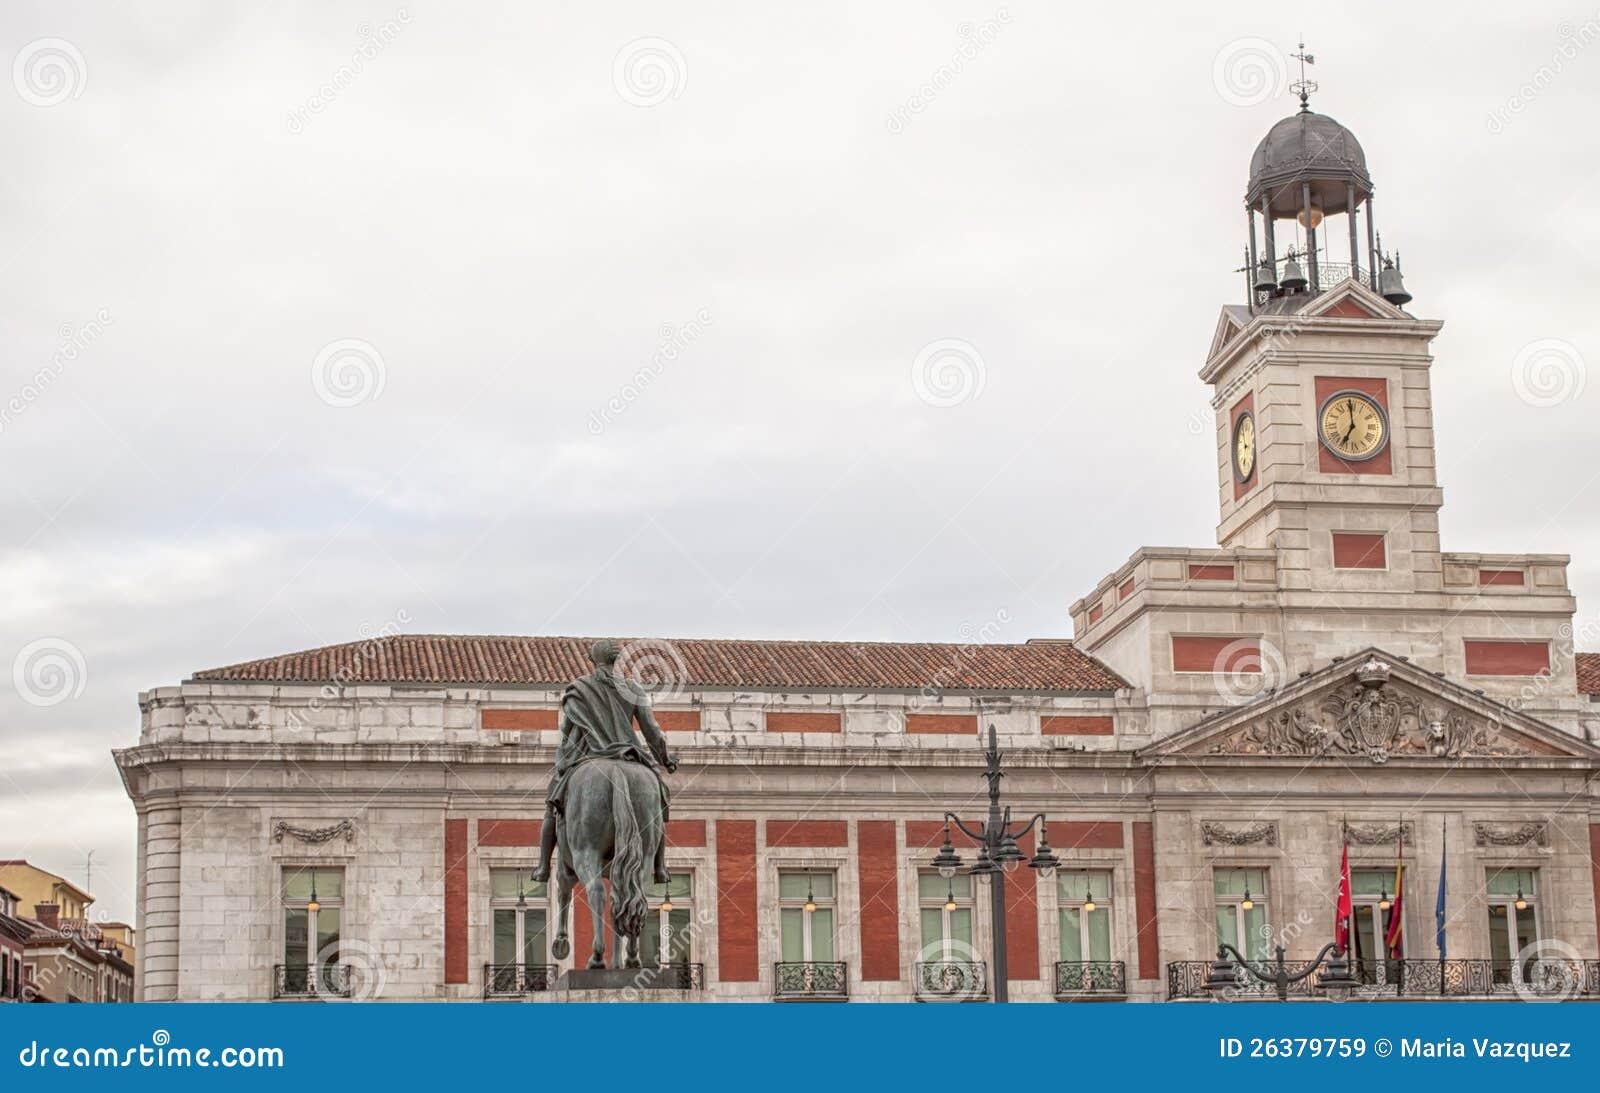 Puerta del sol in madrid spain royalty free stock images for Puerta del sol madrid spain